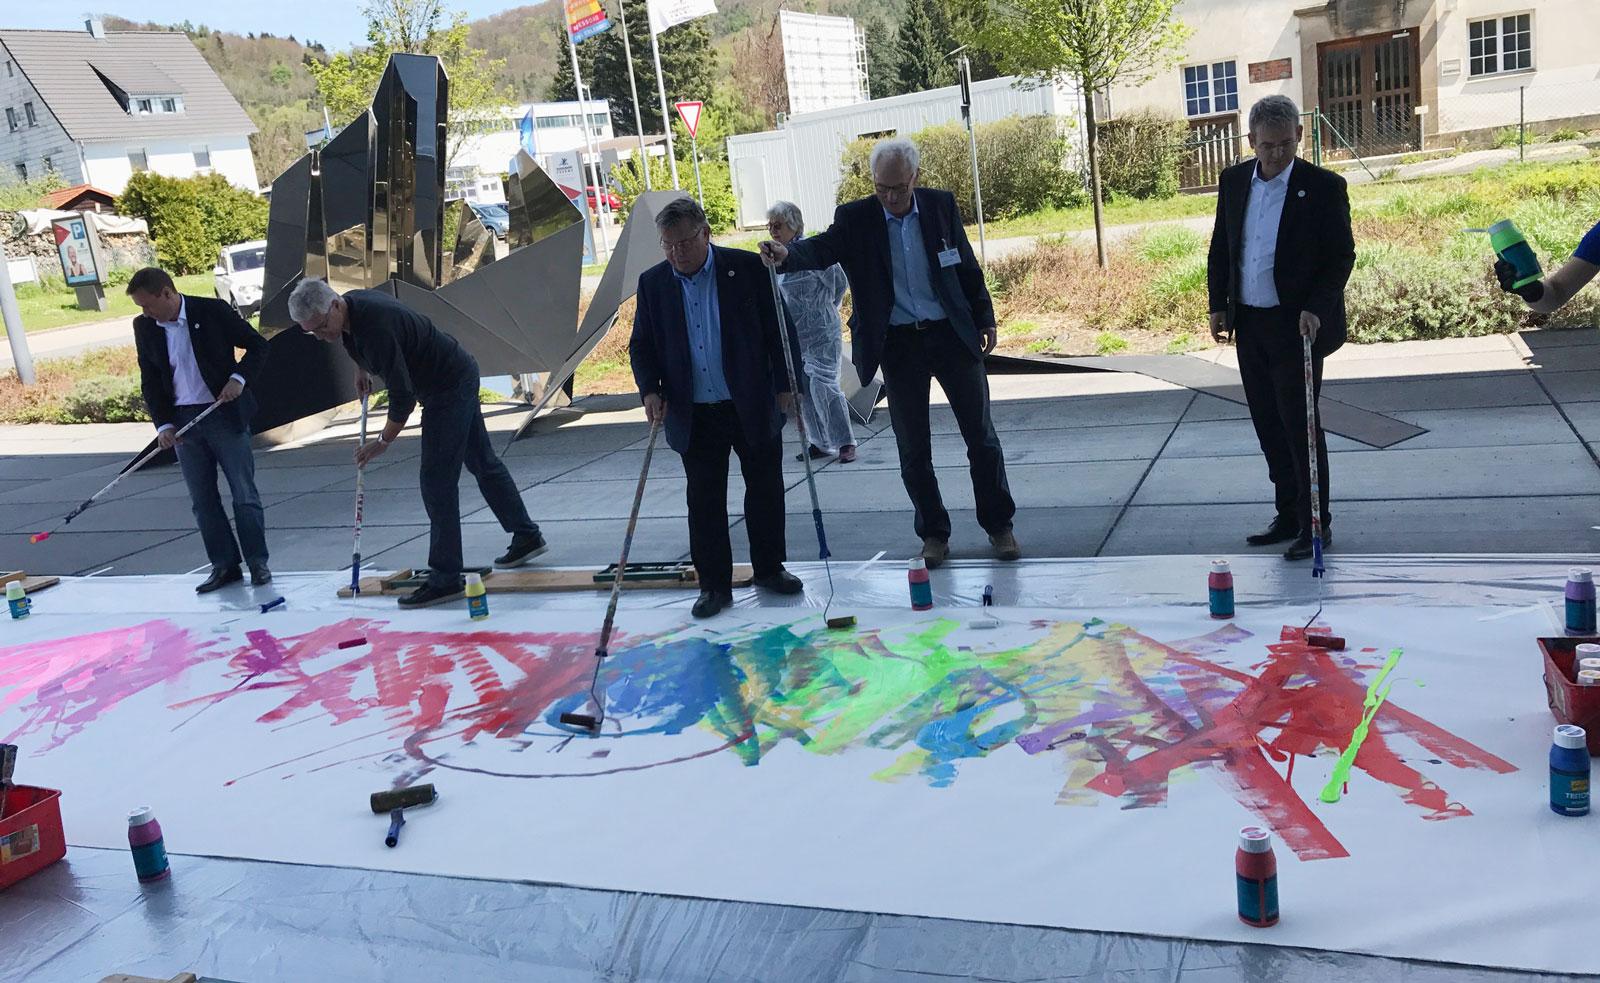 Farberlebnis für alle Besucher: Action Painting beim Tag der offenen Tür im Finanzamt Hersbruck.